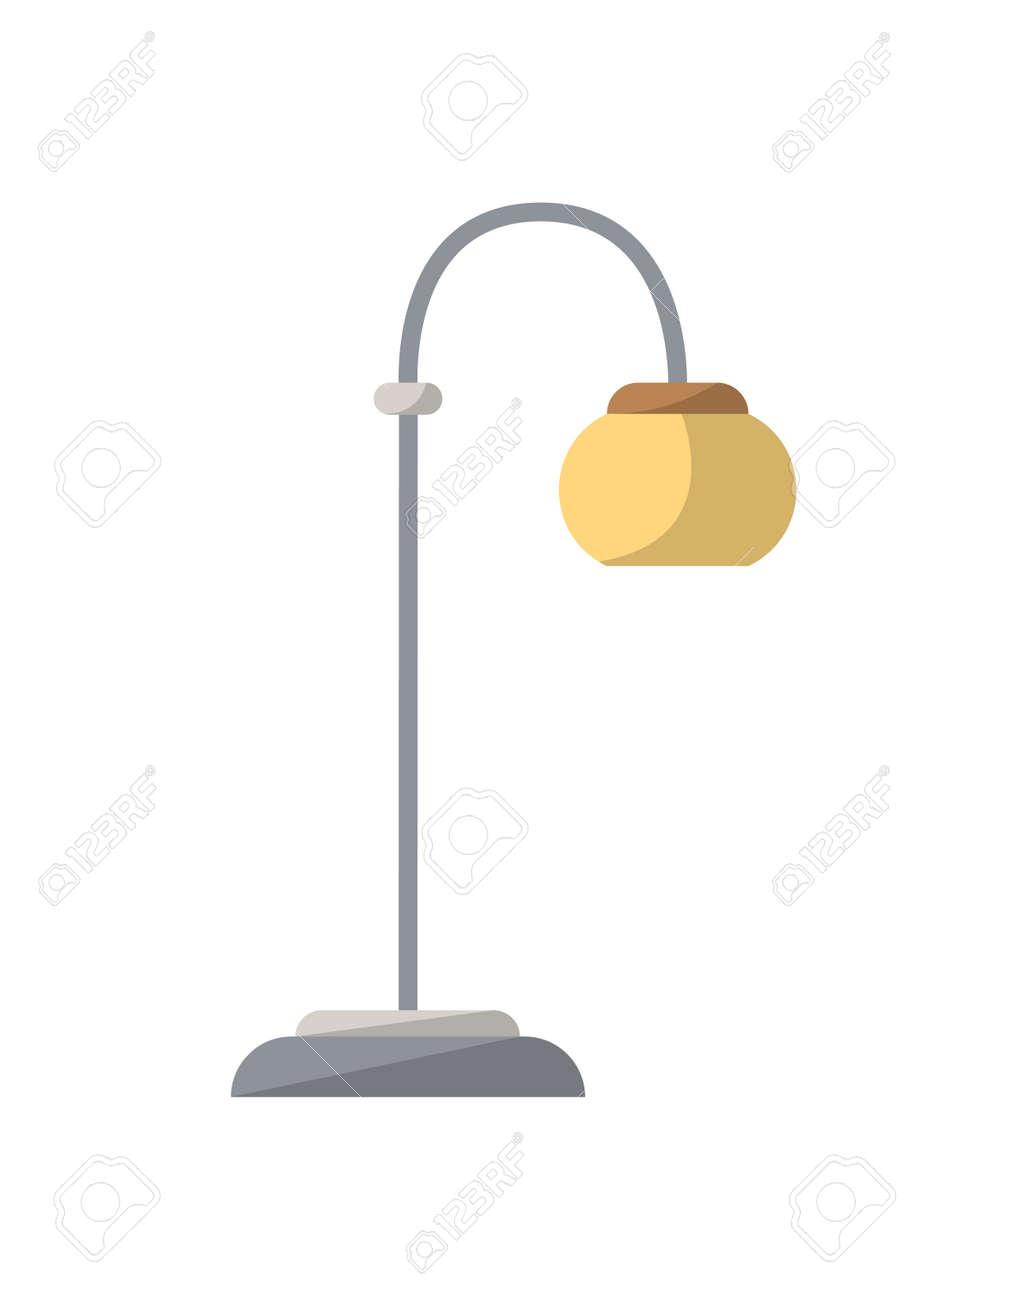 Staande Lamp Geïsoleerd Pictogram In Vlakke Stijl. Het ...